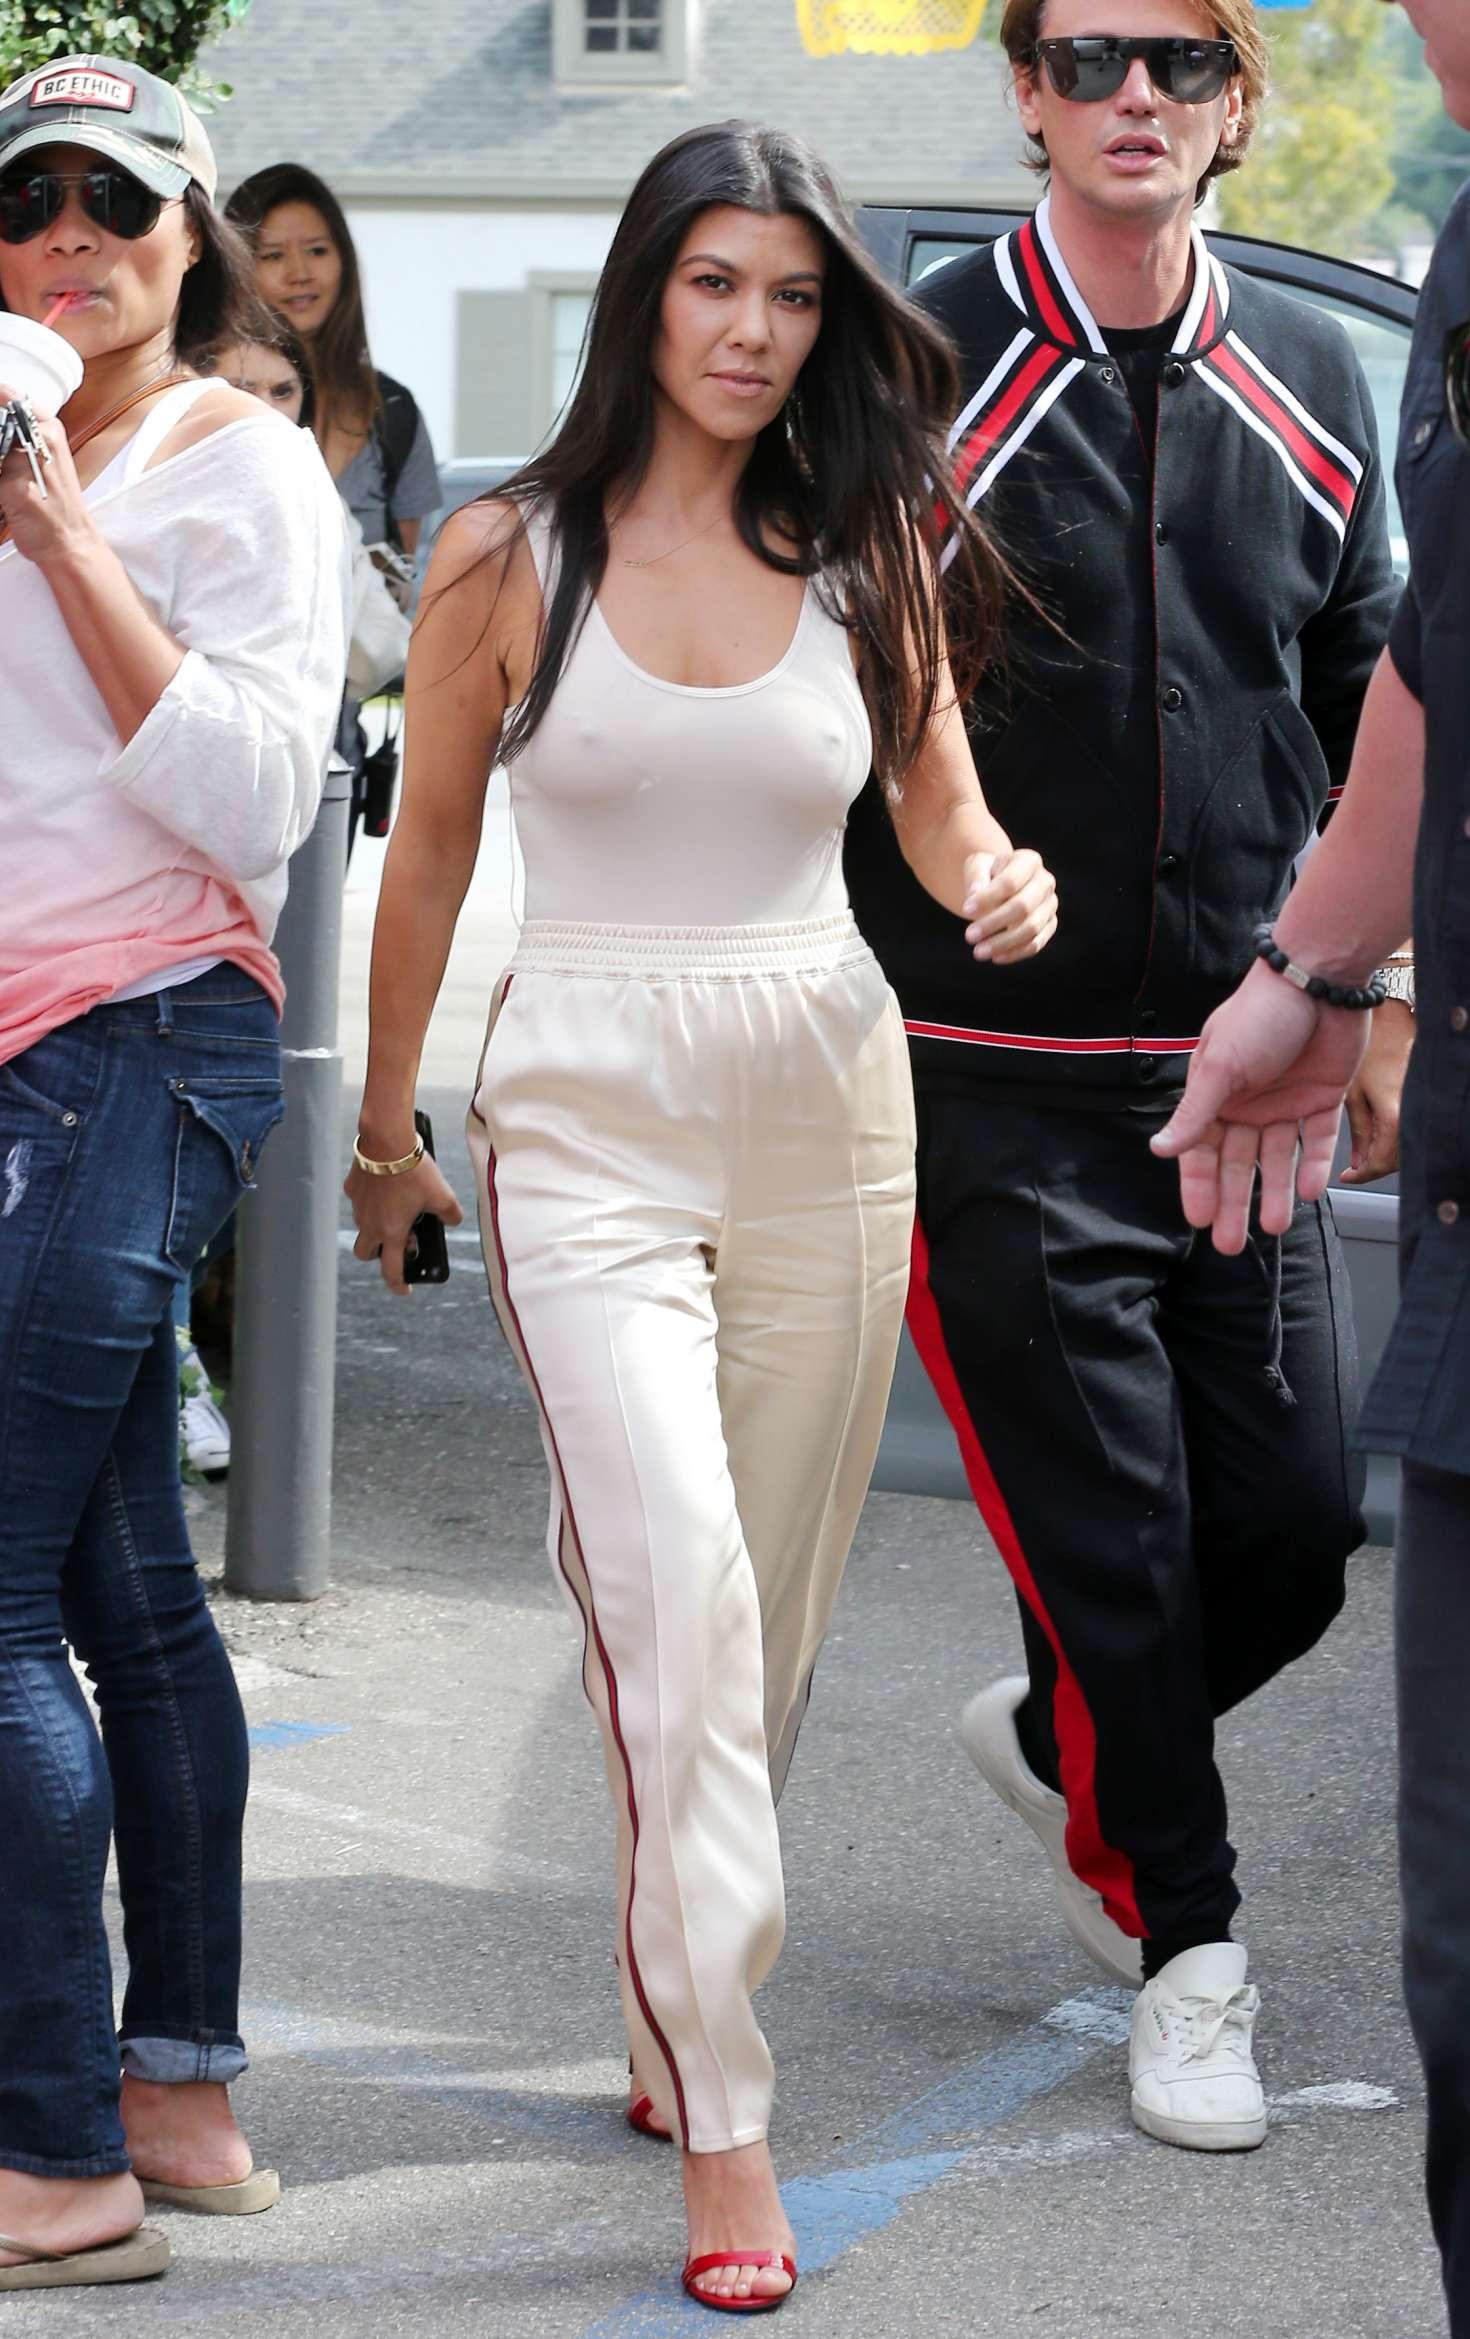 Kourtney Kardashian - Filming 'KUWTK' at Casa Vega in LA